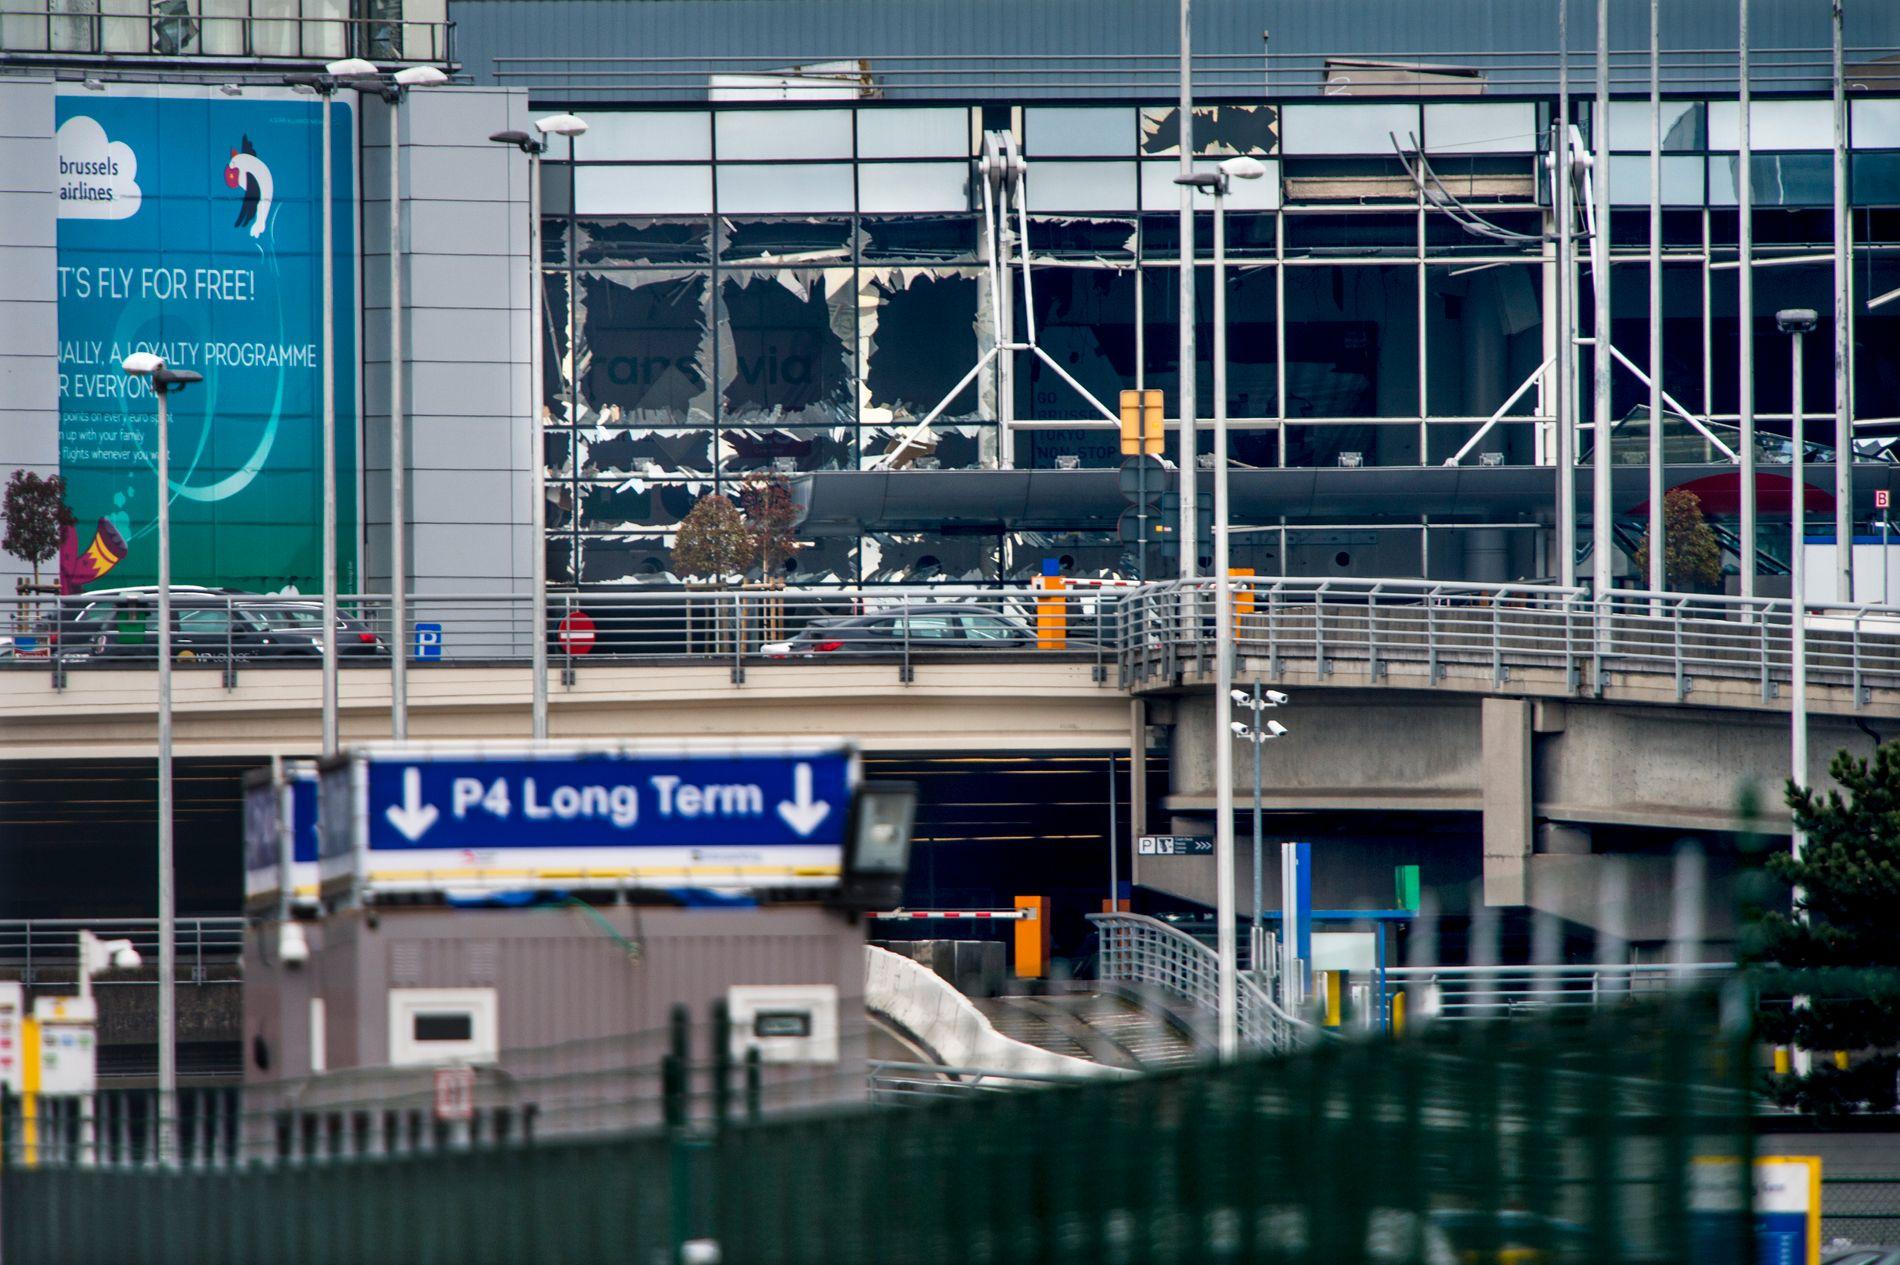 FRA ARBEIDSPLASS TIL TERRORMÅL: I fem år jobbet en av Brussel-bomberne ved flyplassen han senere valgte som mål. Slik så Zaventem-flyplassen ut etter eksplosjonen.